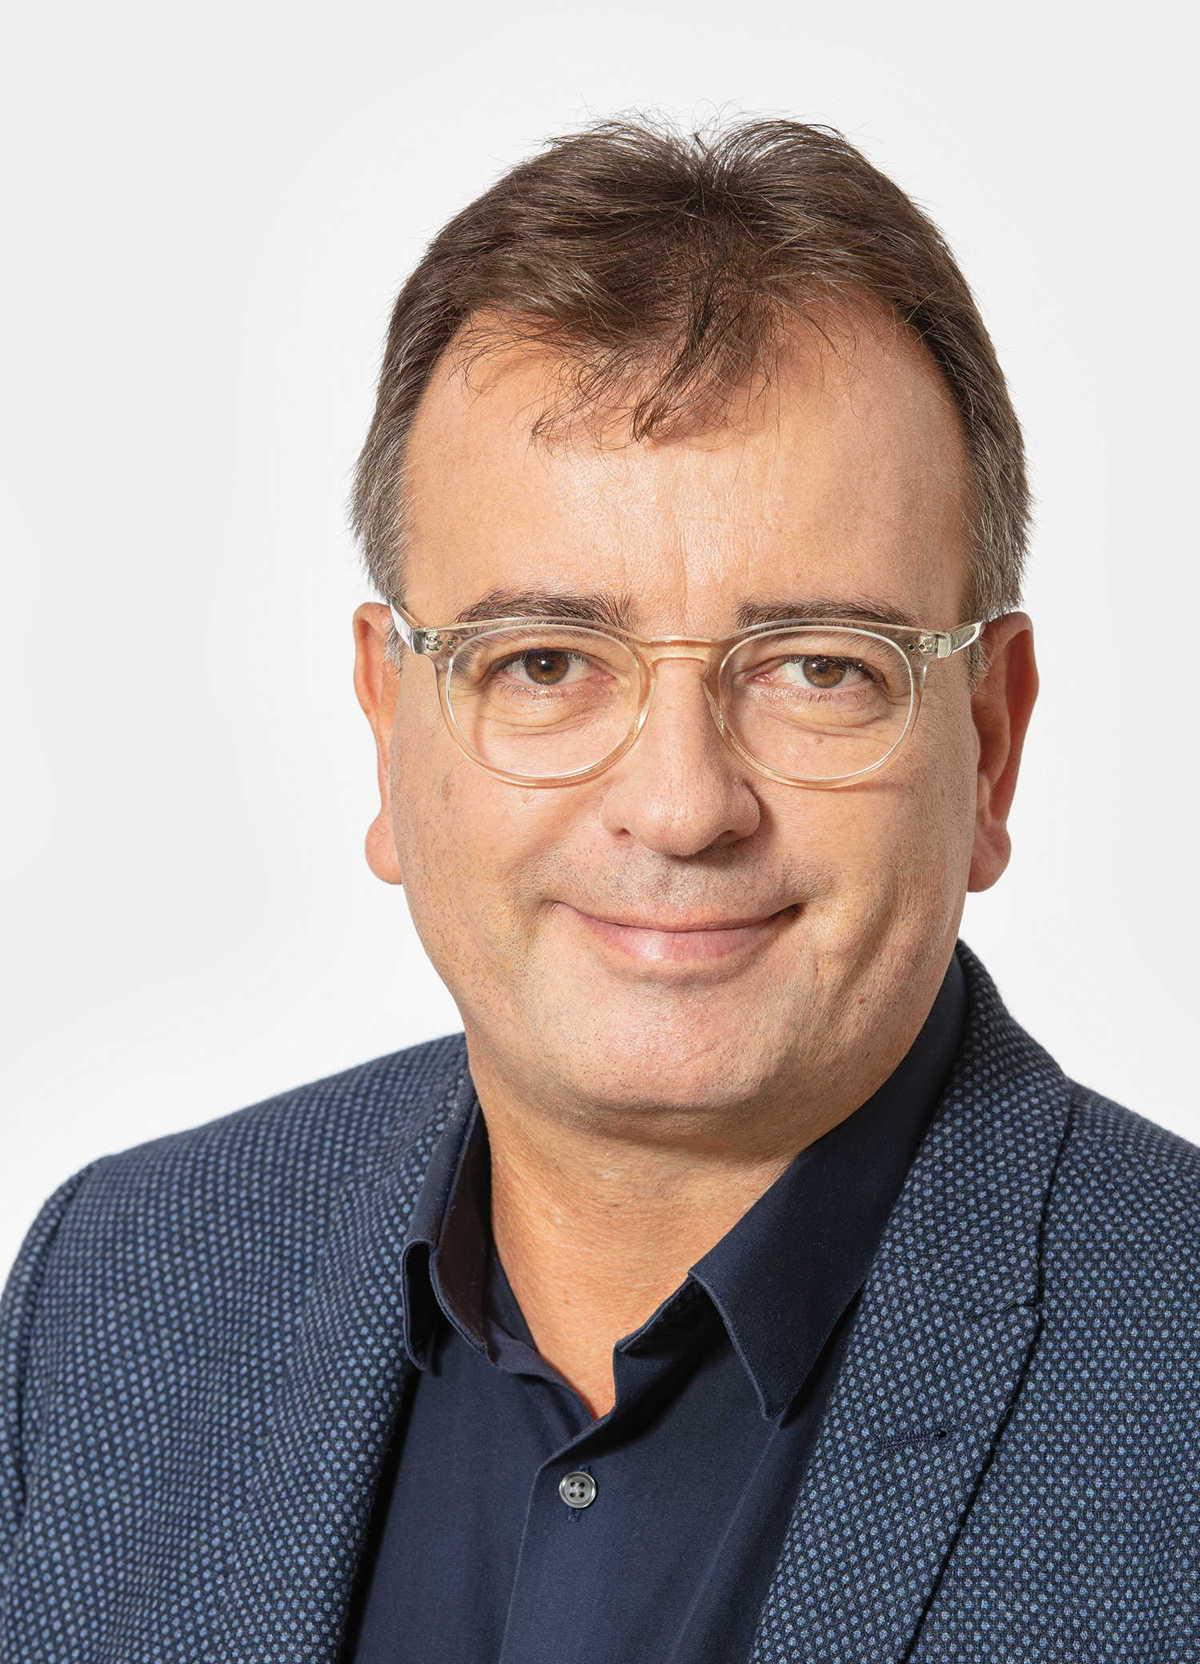 Thomas Kießling